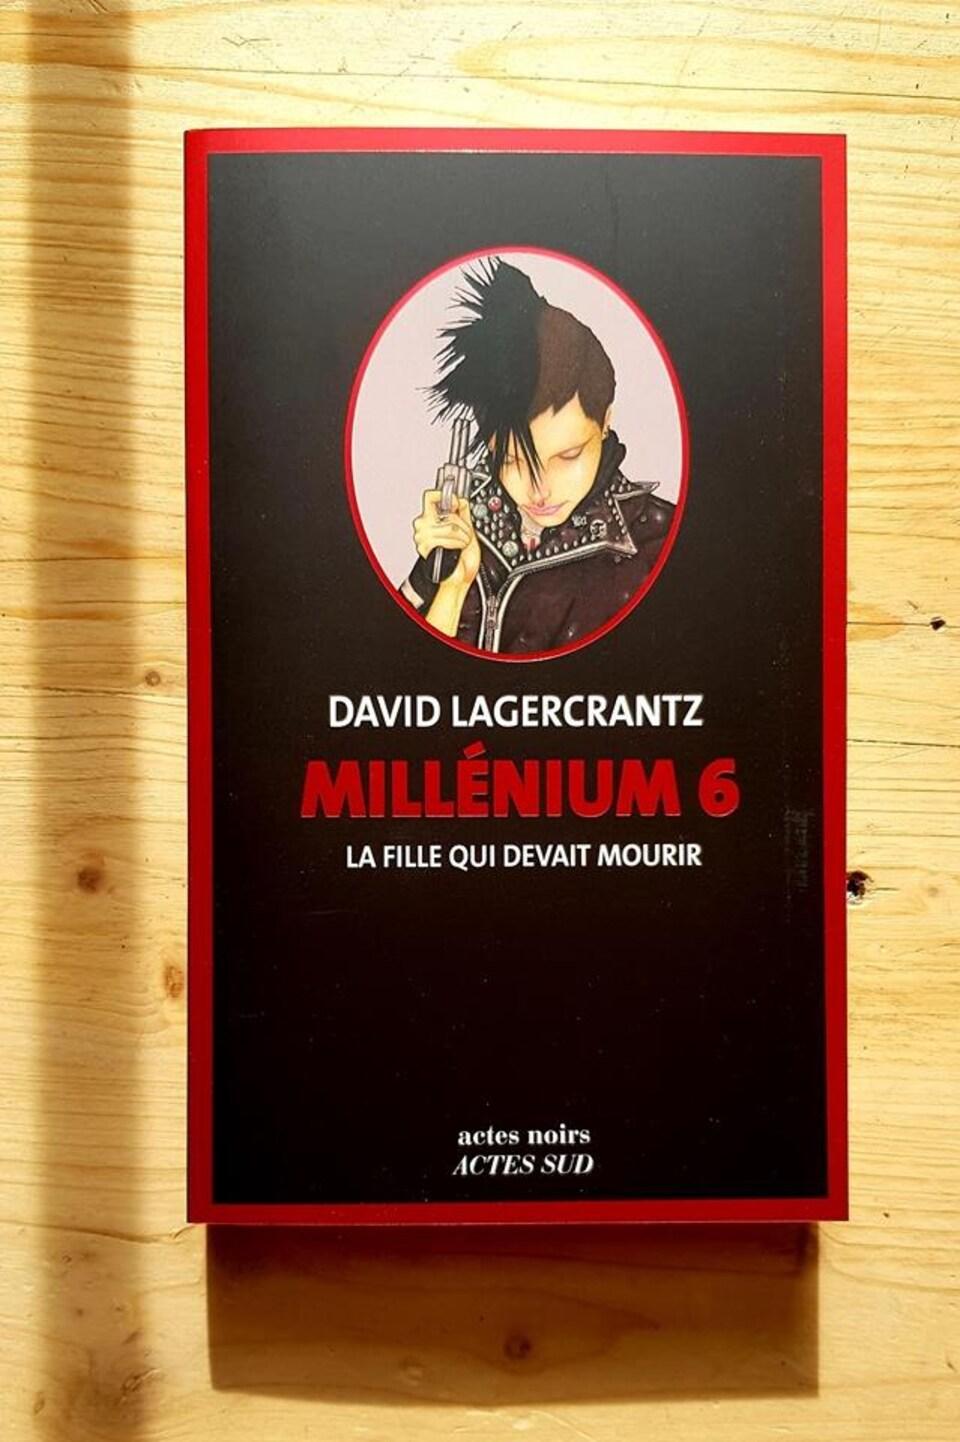 Photo de la couverture du livre, qui est noire avec le titre écrit en rouge vif.